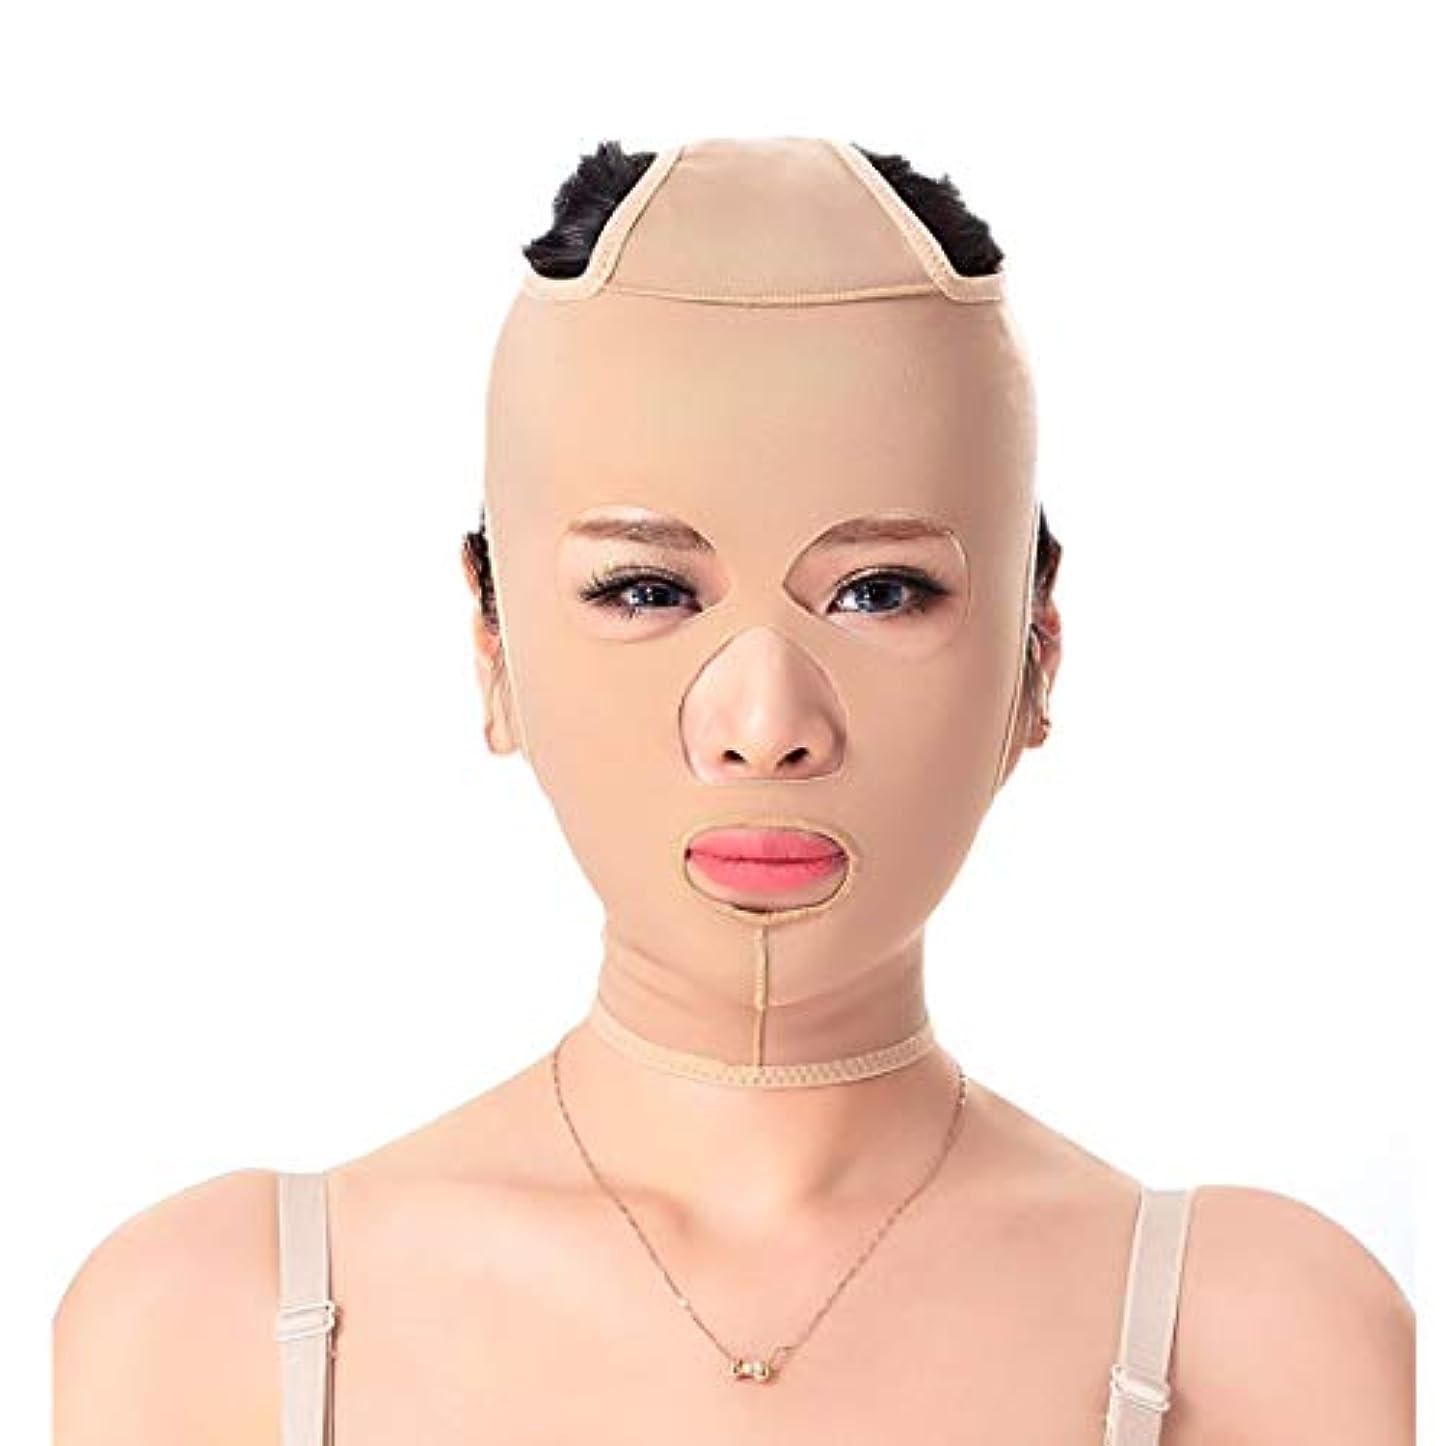 削除するポーズ汗GLJJQMY 減量ベルトマスクフェイスマスクマスクパターン強化二重あご引き締め顔面顔面強力なフェイスリフティング包帯 顔用整形マスク (Size : XXL)